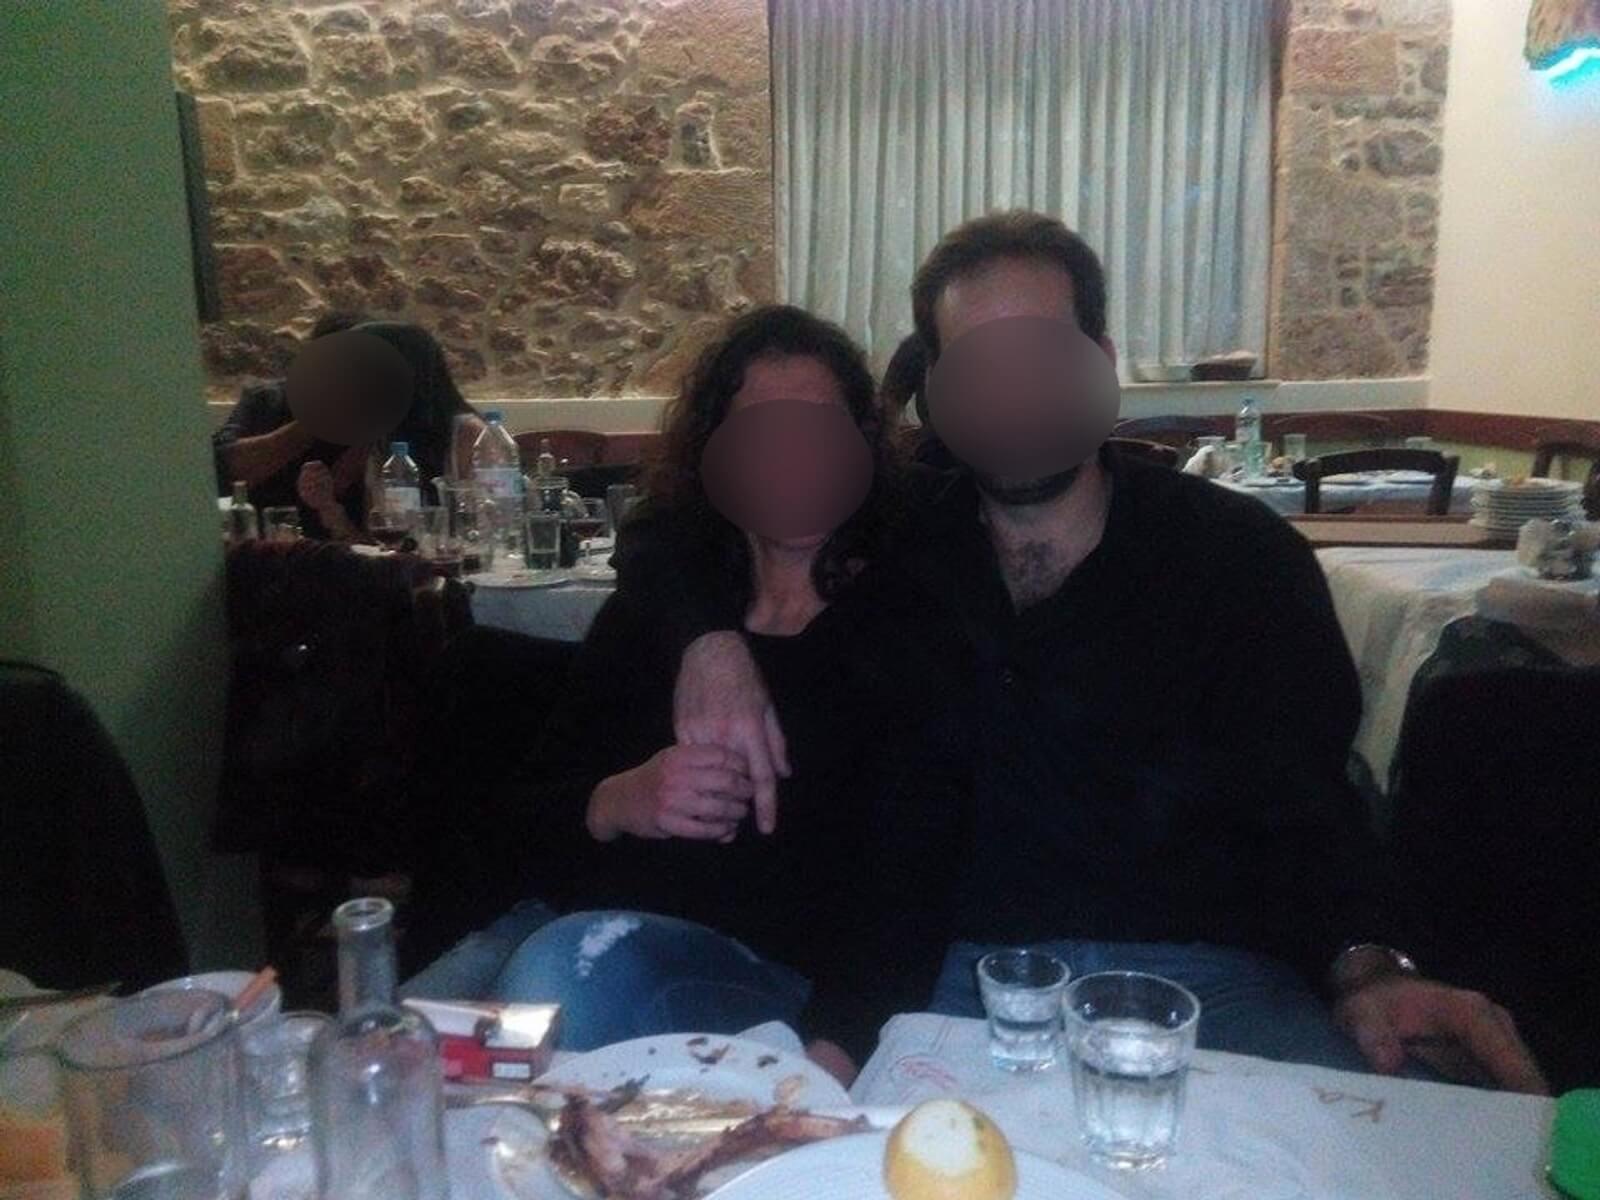 """Οικογενειακή τραγωδία στην Κρήτη: """"Έκανε καβγάδες και την απειλούσε με μαχαίρια""""!"""